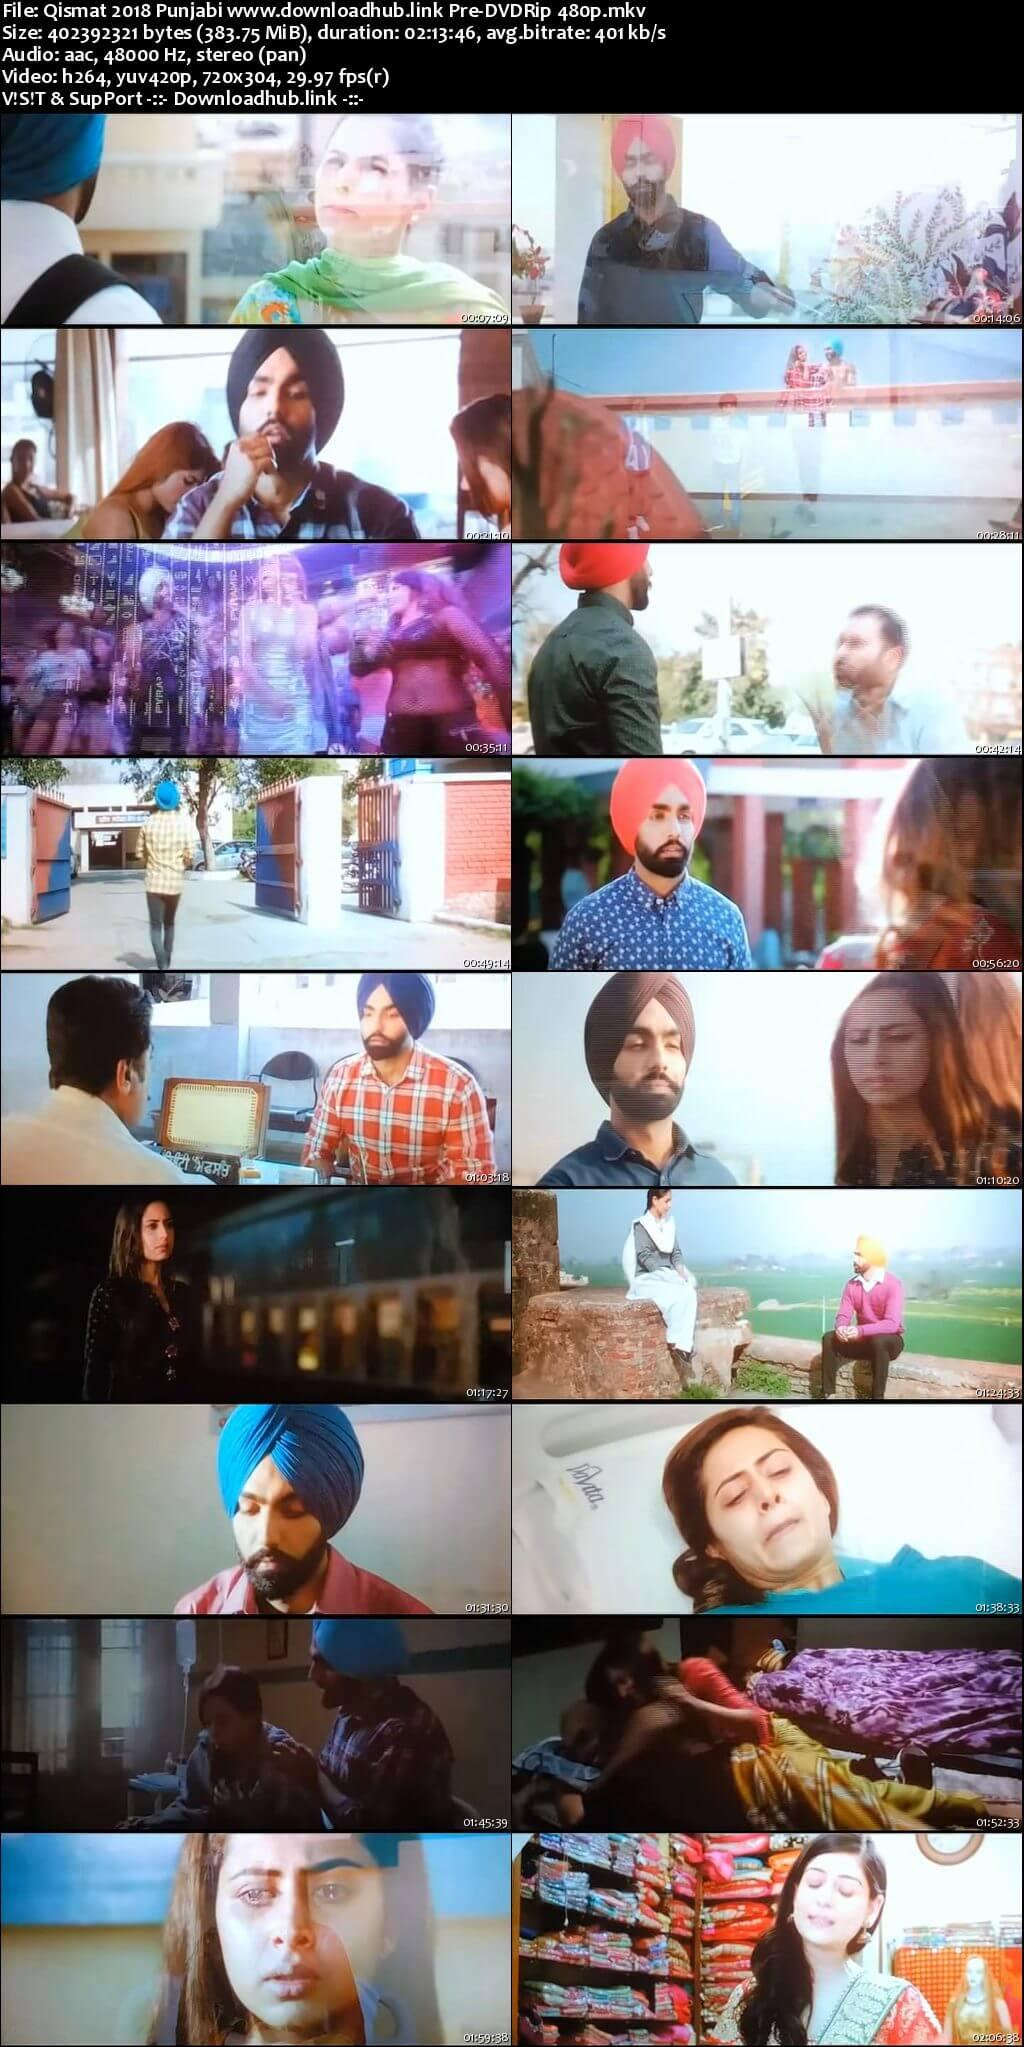 Qismat 2018 Punjabi 350MB Pre-DVDRip 480p